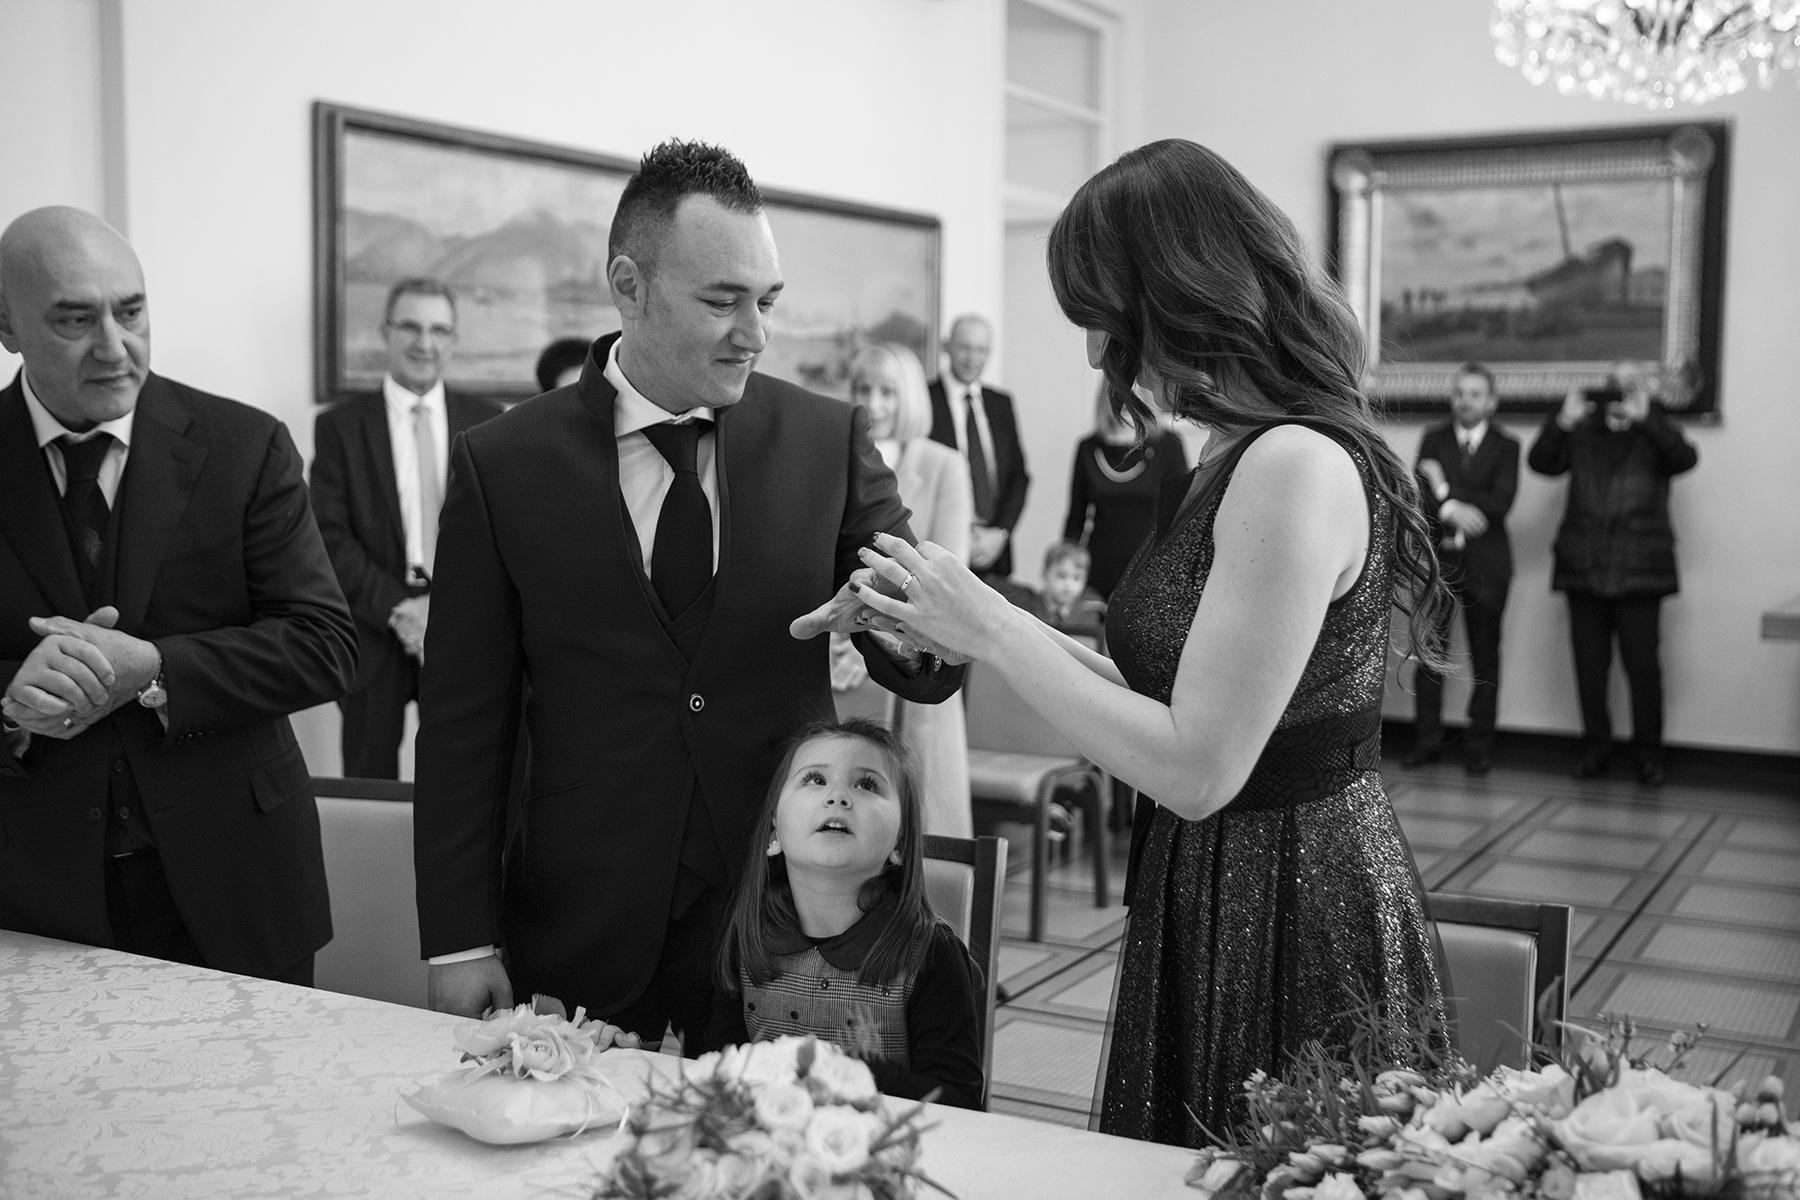 Photo de la cérémonie de mariage de La Spezia Elopement   Une petite fille regarde curieusement sous la main du marié, le regardant alors que la mariée met sa bague